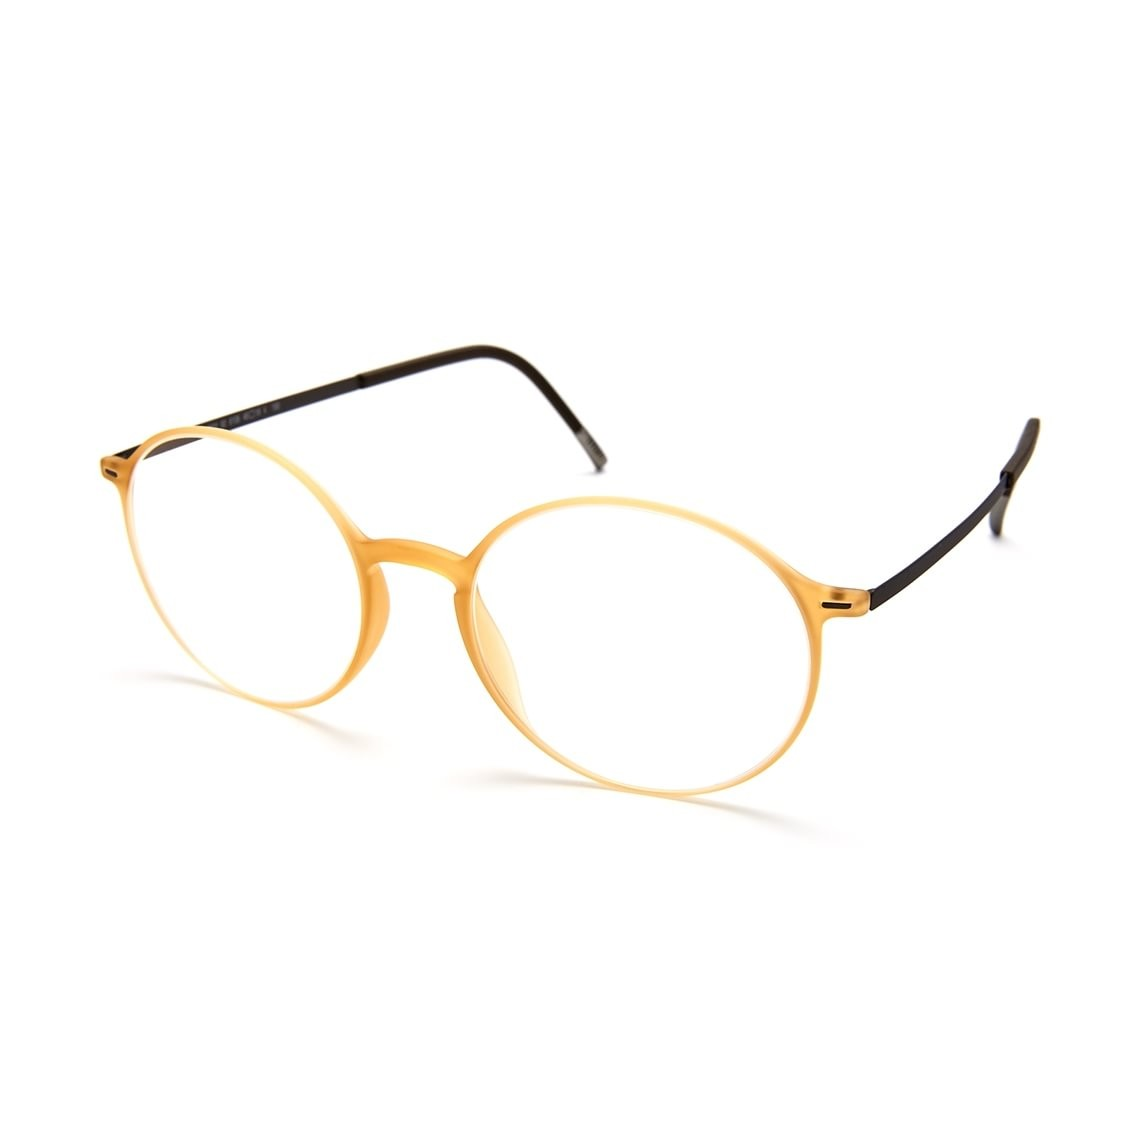 0a59600694e9b Silhouette Urban Lite 2901 6106 - Óculos de Grau